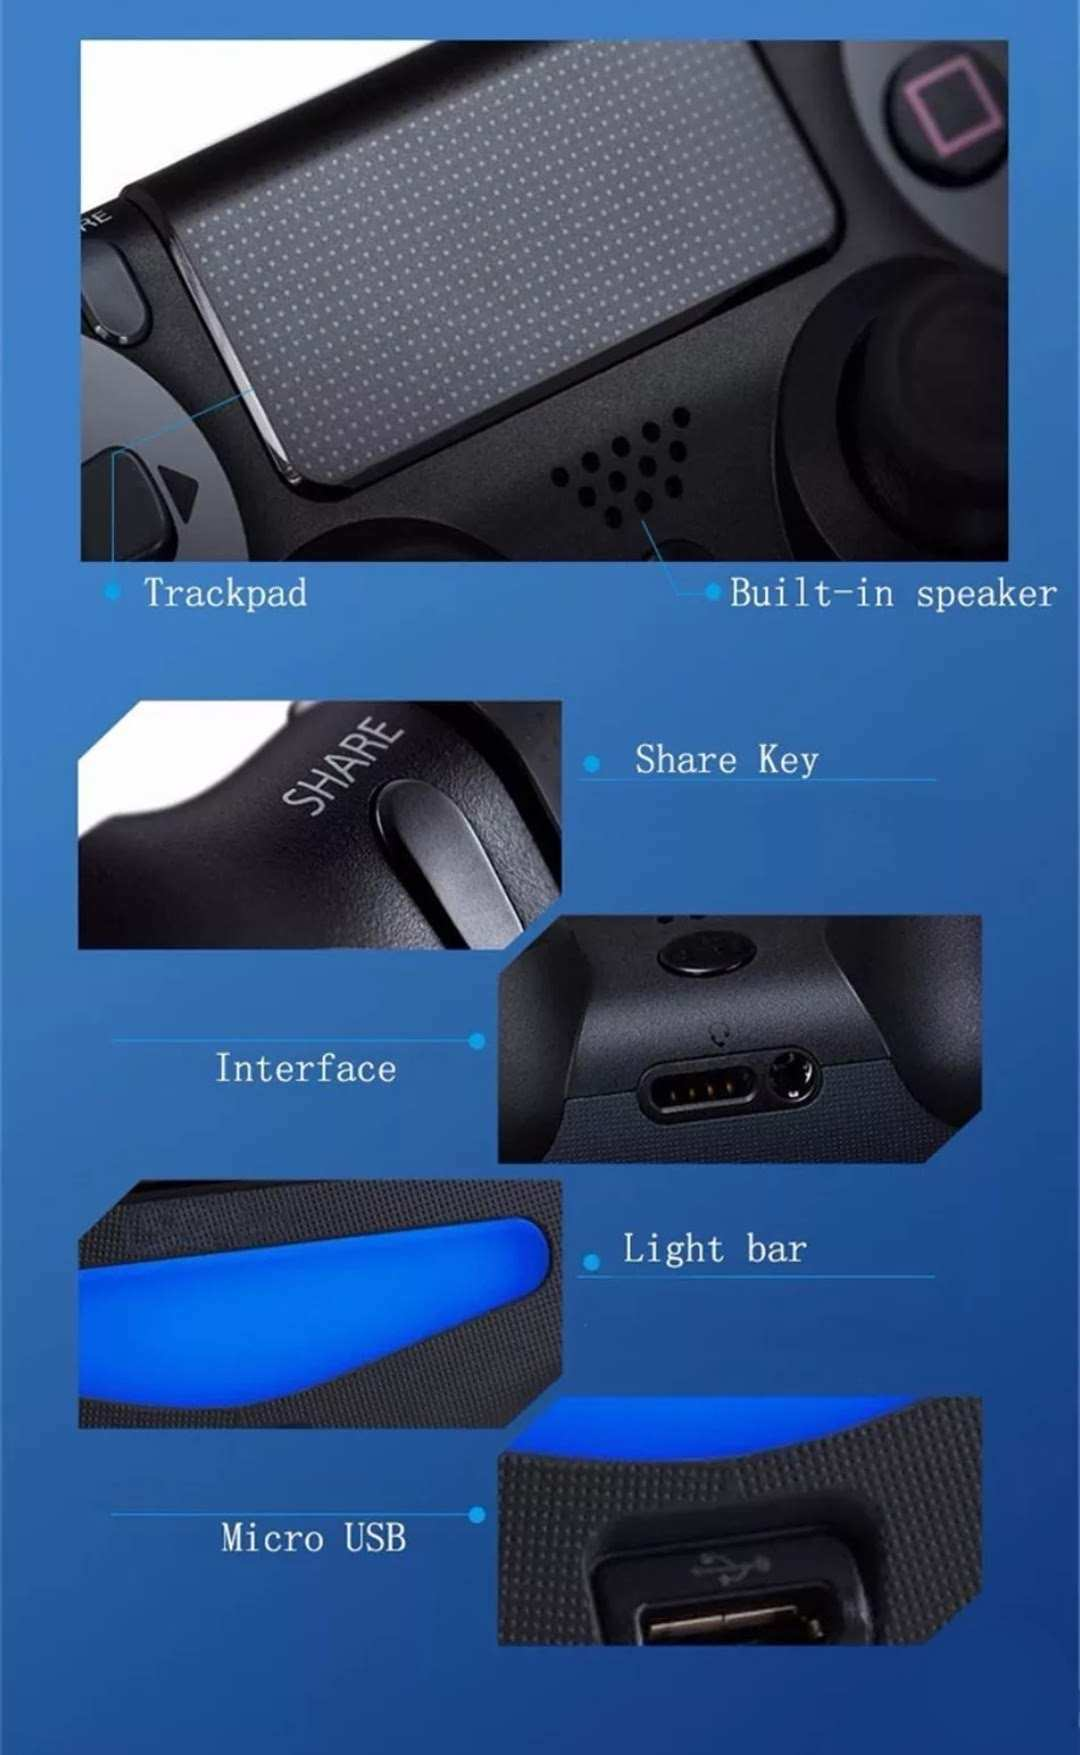 Controle Ps4 Sem Fio Joystick Pc Bluetooth Vibração Touch Camuflado